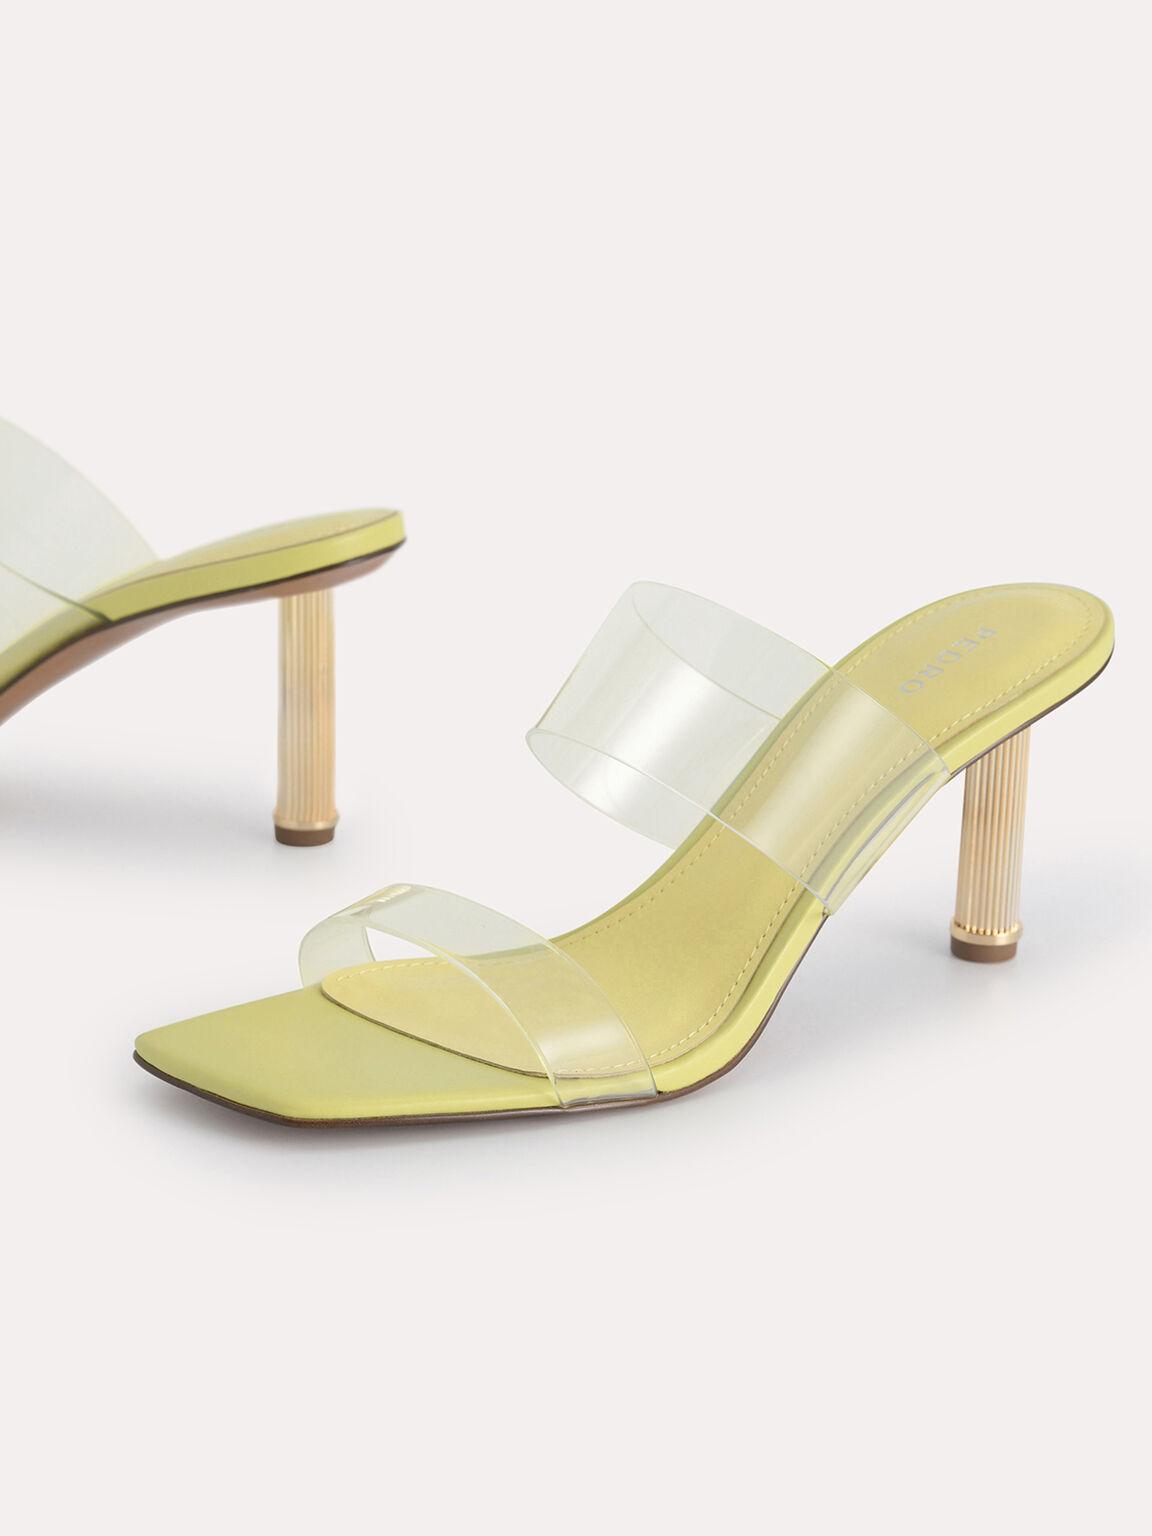 Transparent Square-Toe Pumps, Yellow, hi-res